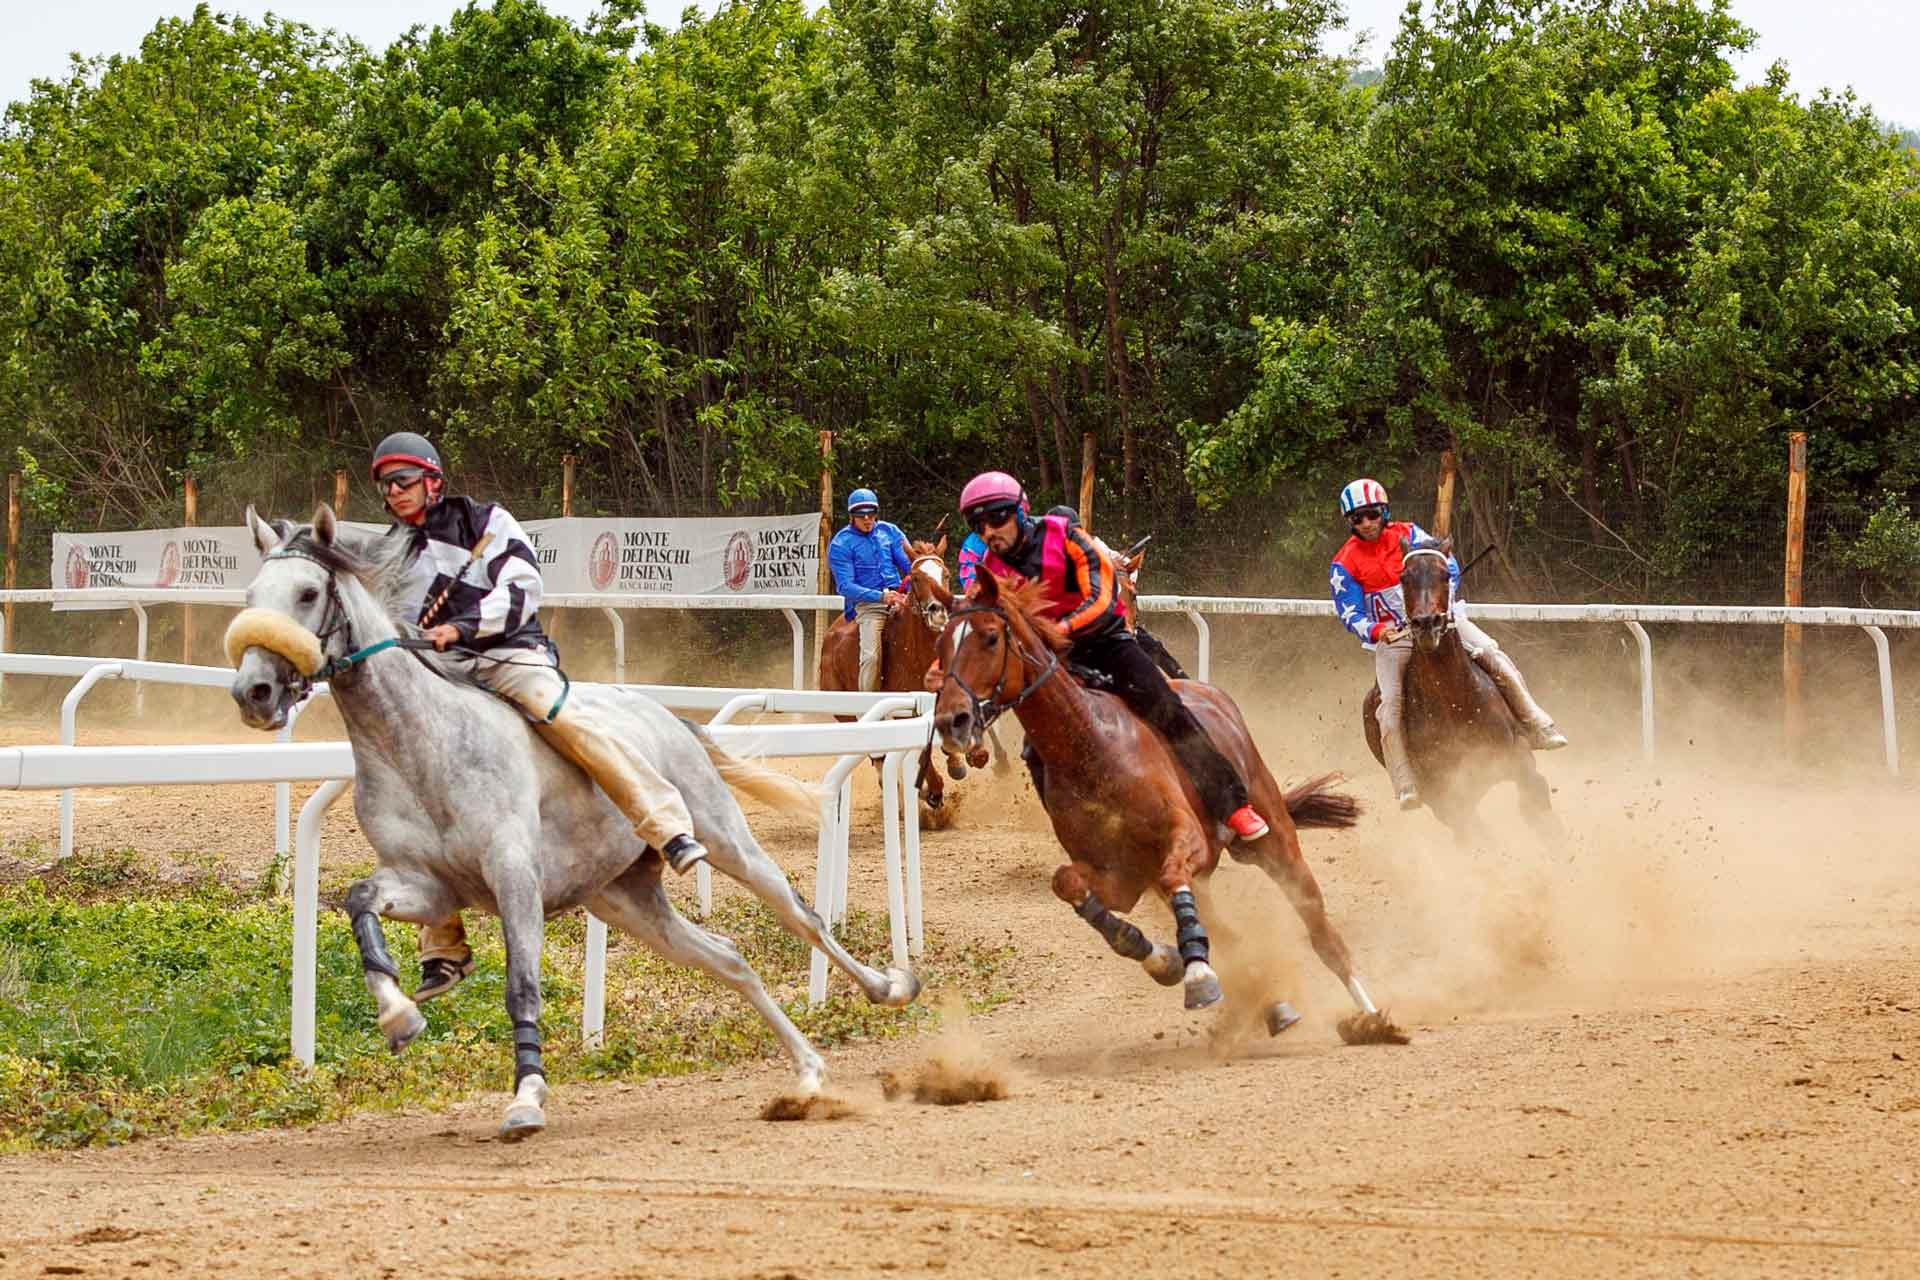 CORSE PROVA D'ADDESTRAMENTO - La corsa consente agli addetti ai lavori di verificare il comportamento e dei cavalli sul tufo e su un percorso caratterizzato da curve a 90° e pendenze del tutto uguali a quelle presenti in Piazza del Campo a Siena.